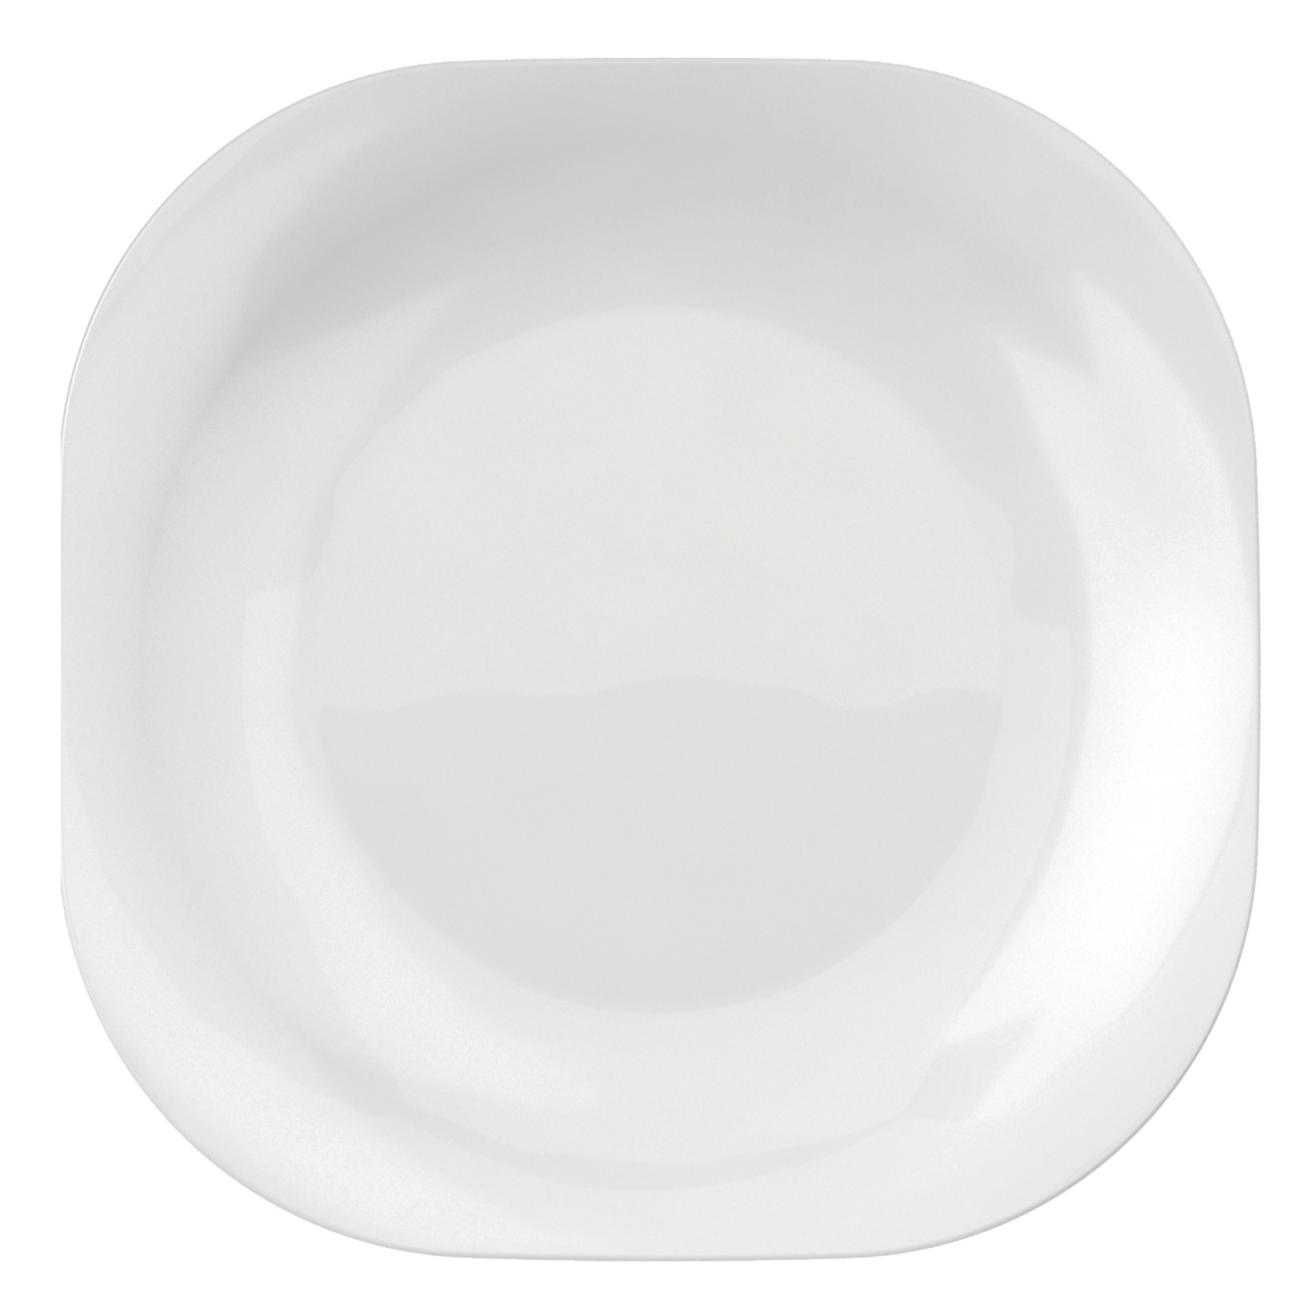 Prato Raso Quadrado Opaline Branco 19cm - Nadir